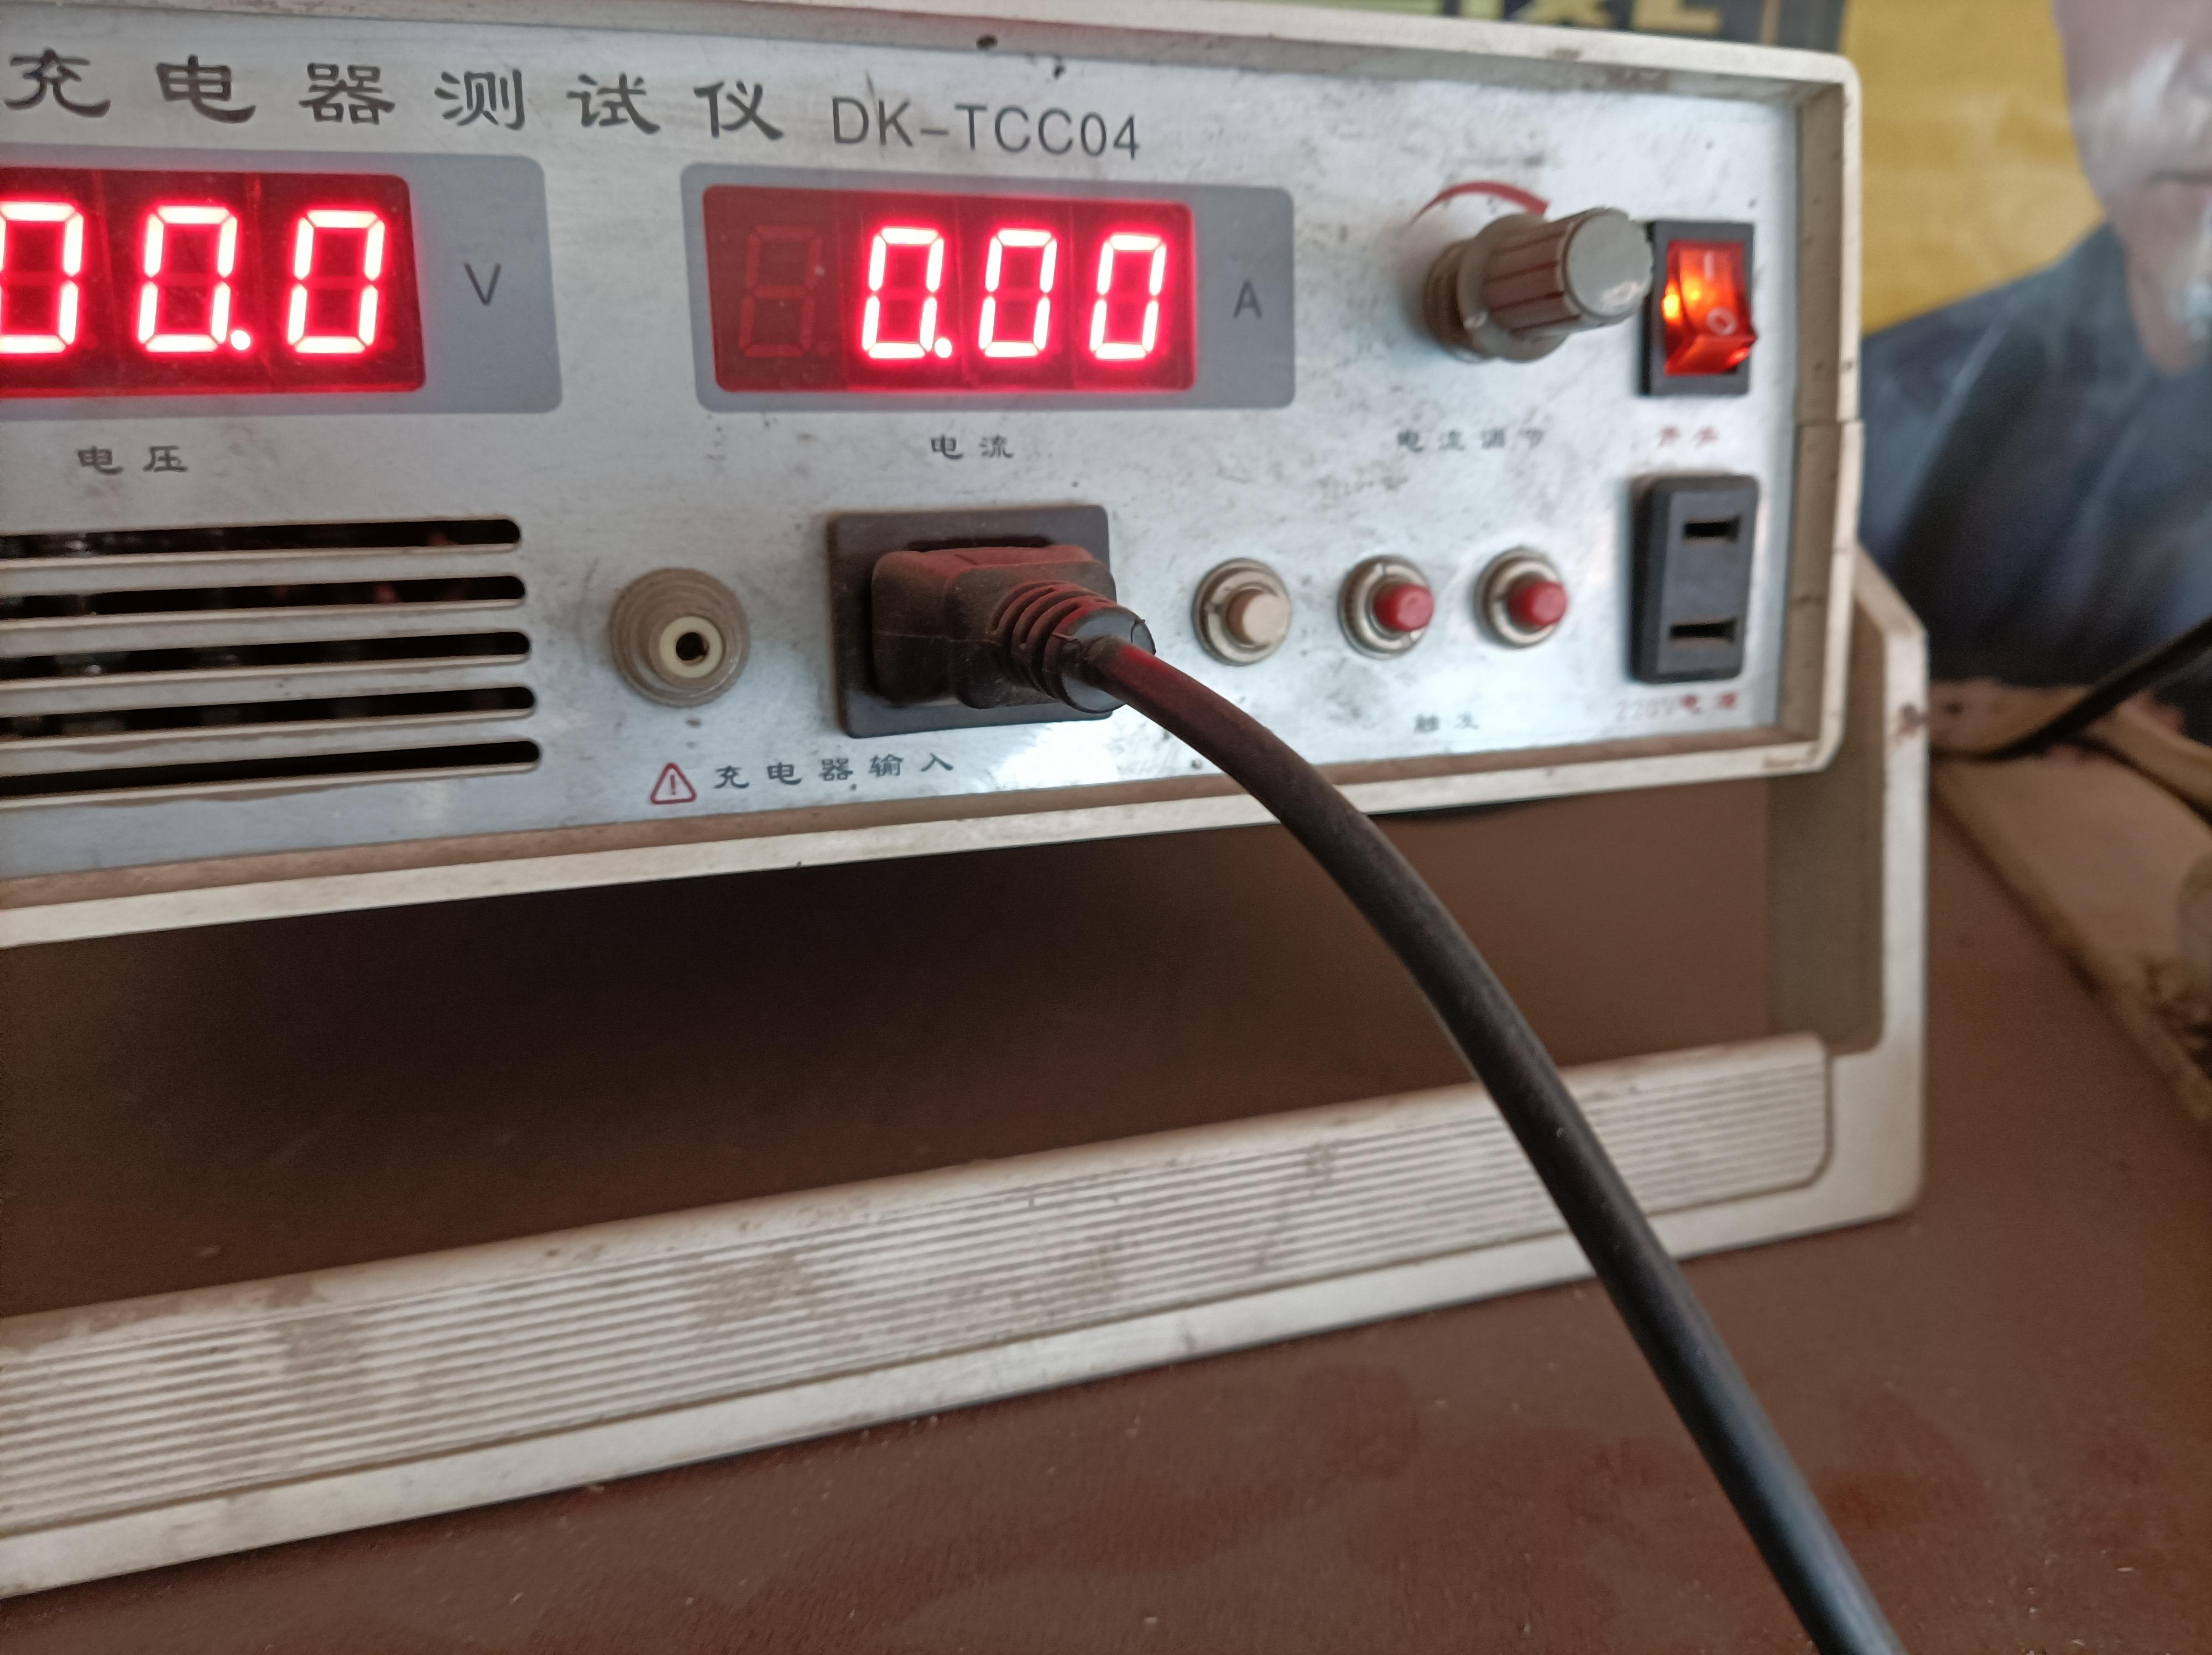 电动车电池充电不转灯是电池问题还是充电器的问题